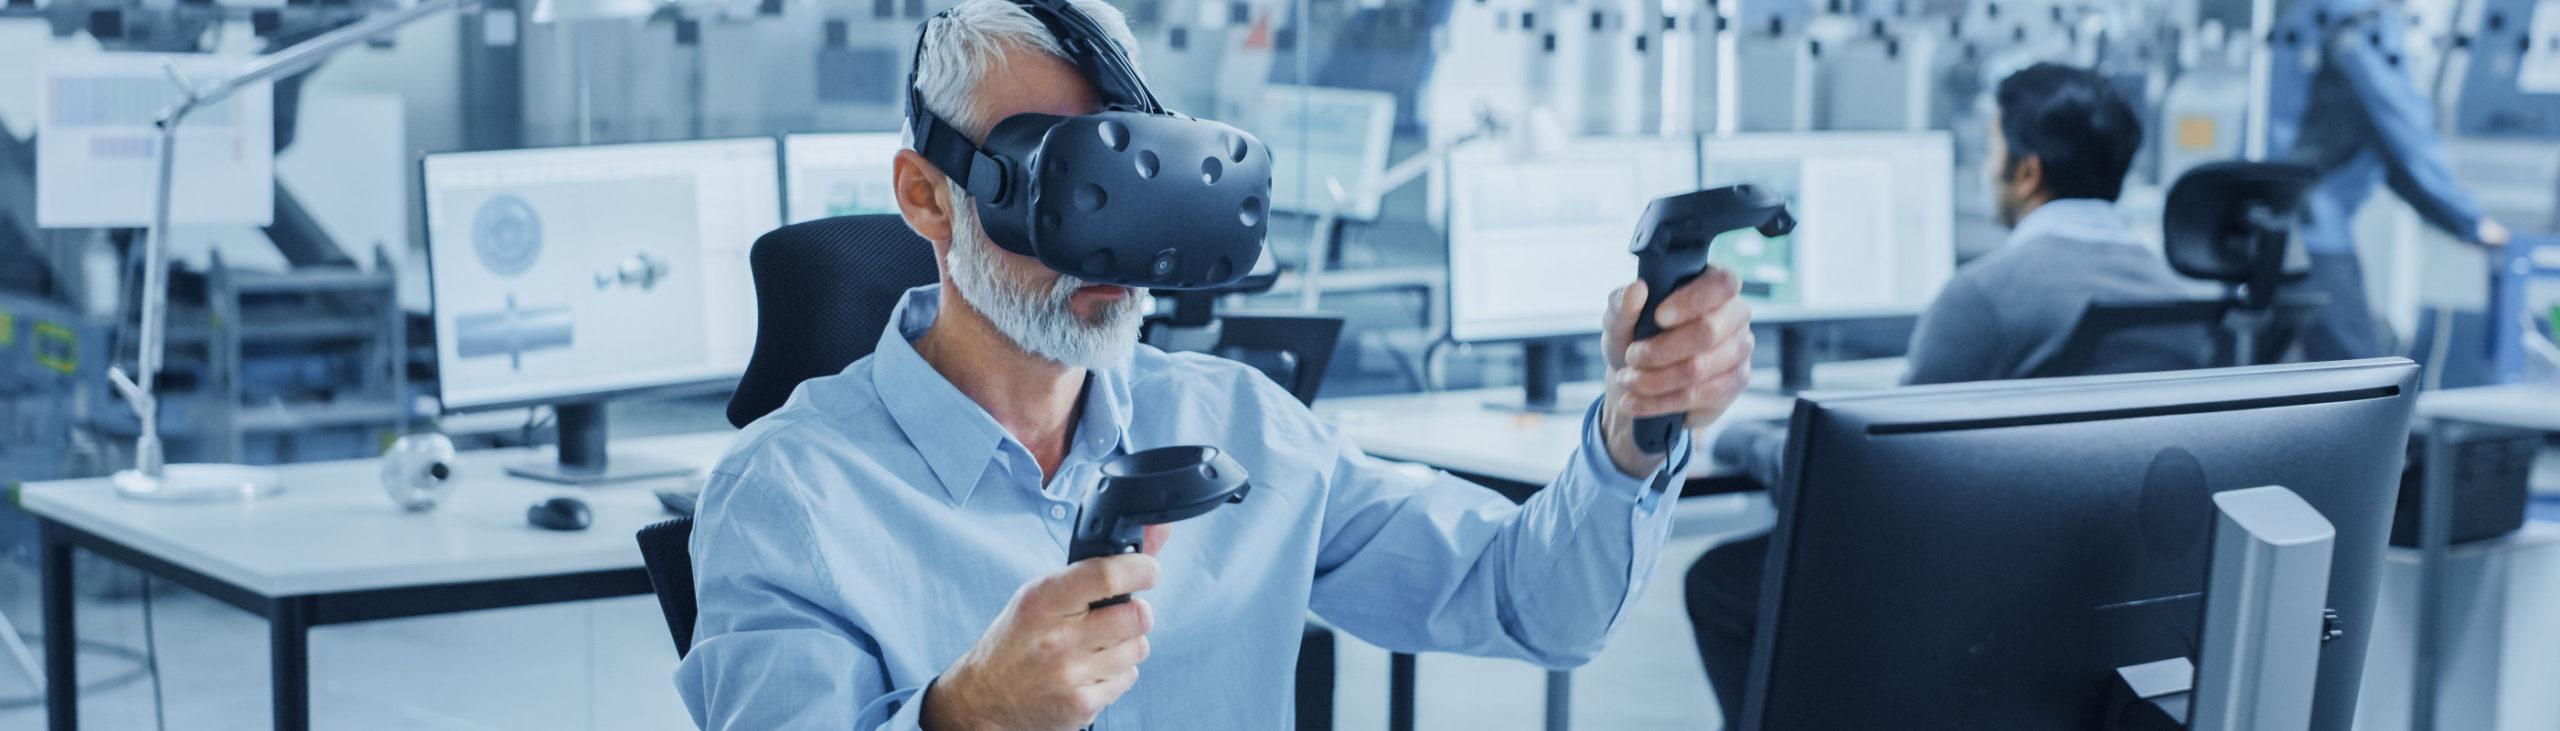 Kit de desarrollo de realidad aumentada | 13